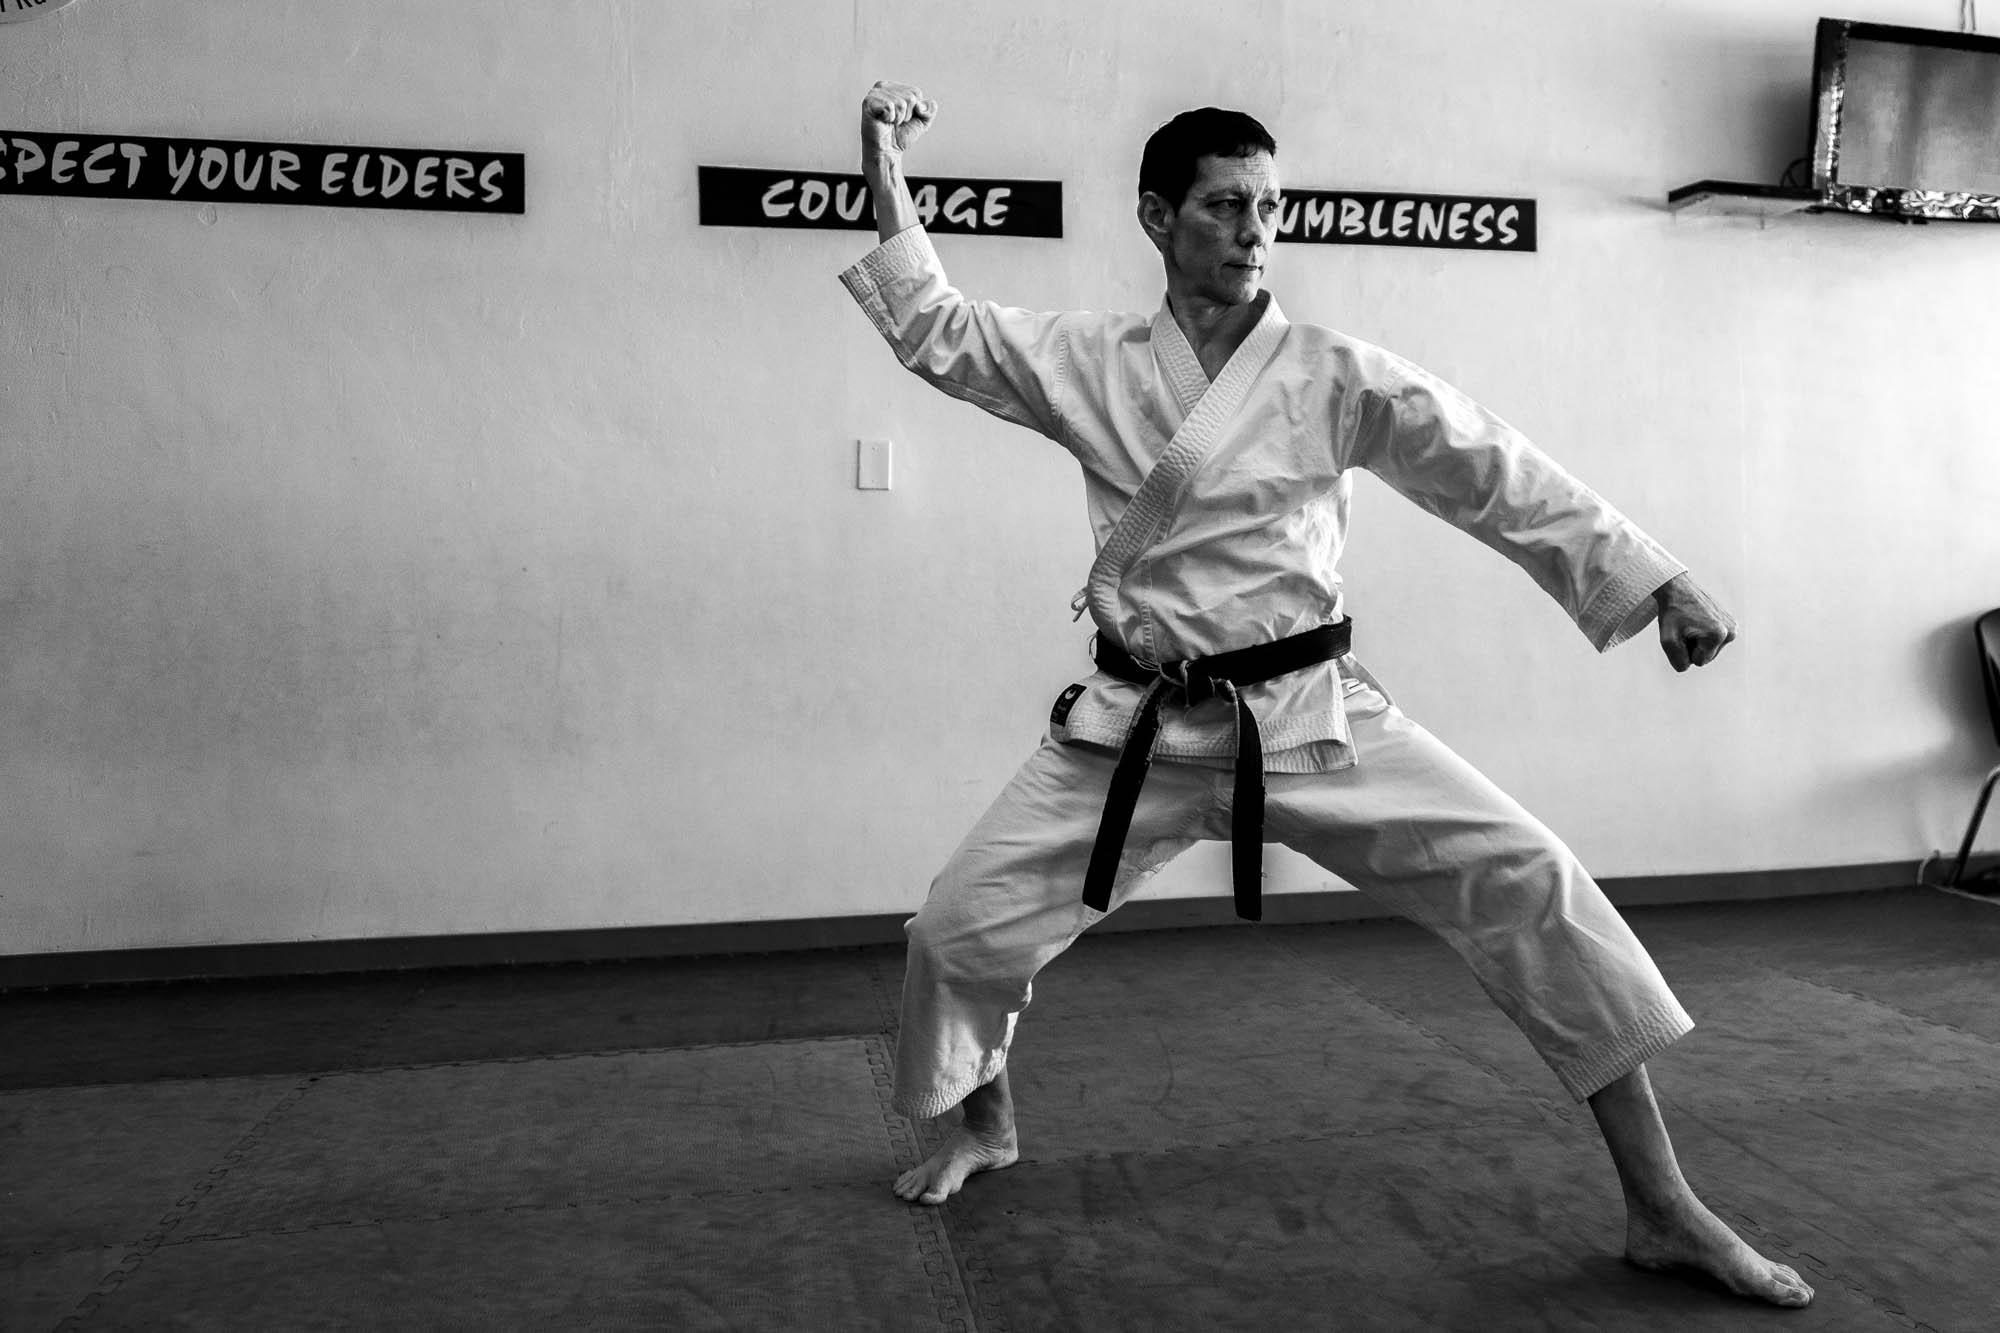 180906_Stock_Karate_3827_AnthonyMoreira.jpg